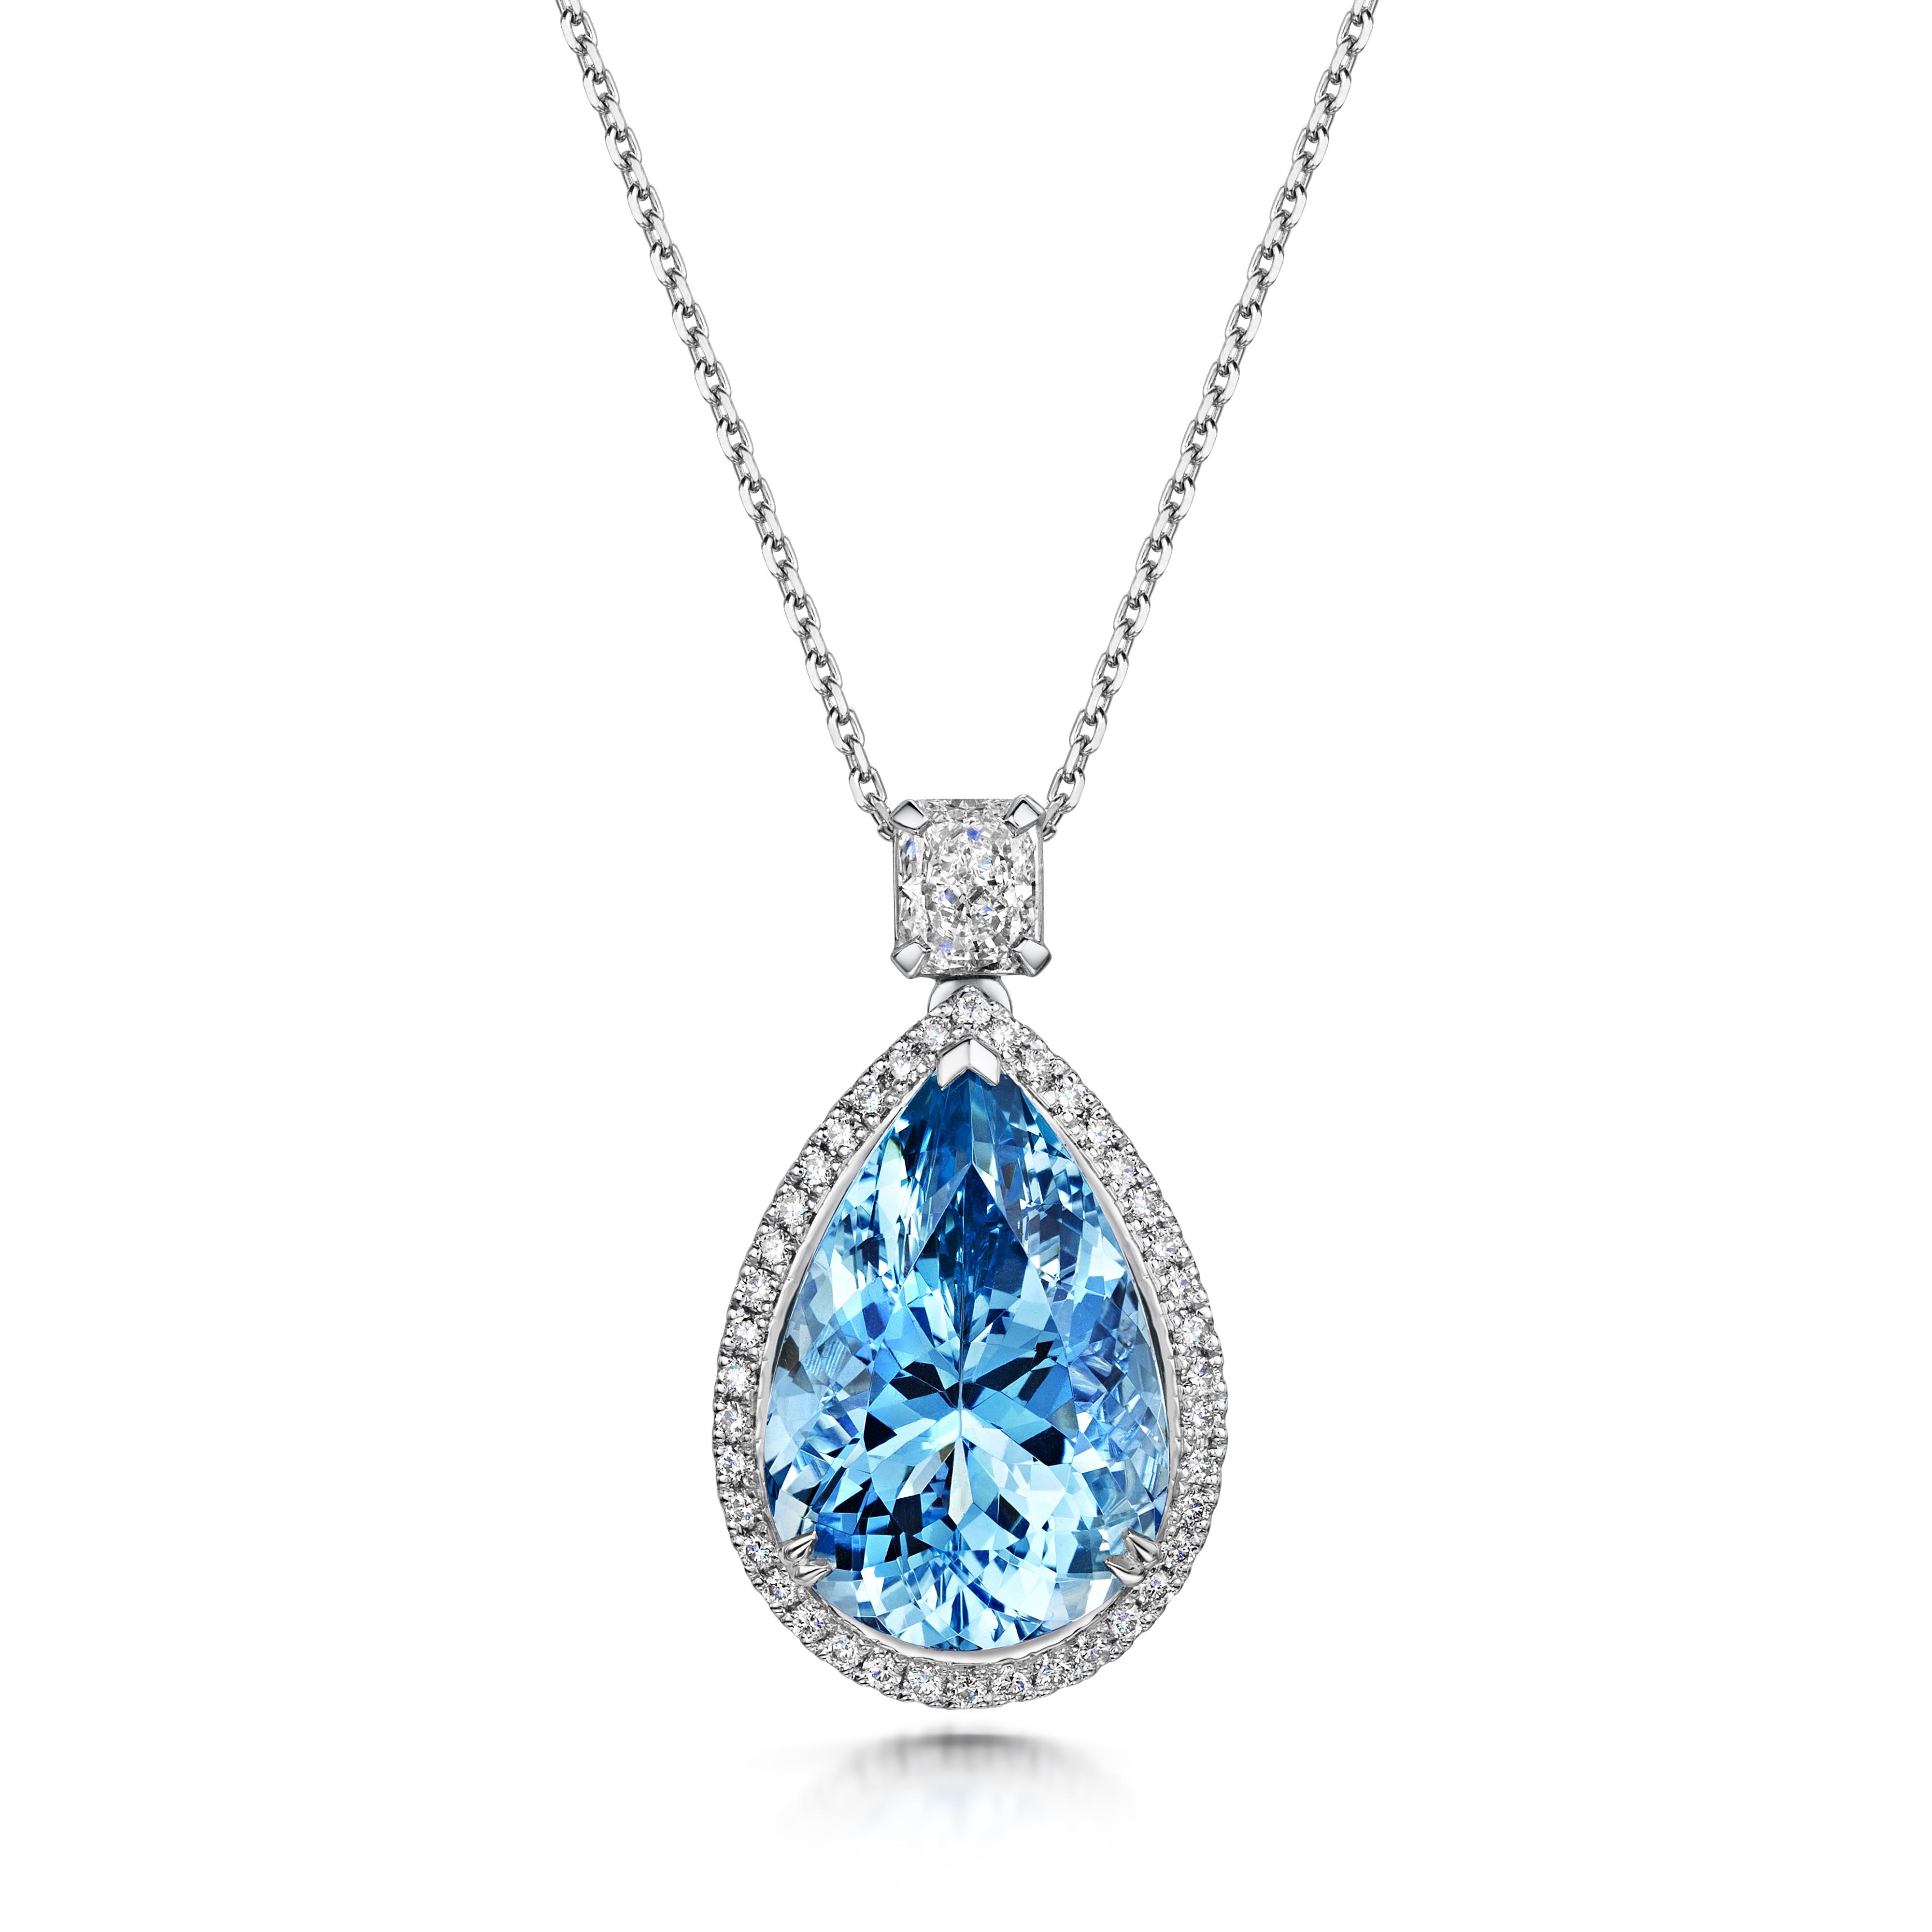 10.19ct Aquamarine and Diamond Pendant Set In Platinum